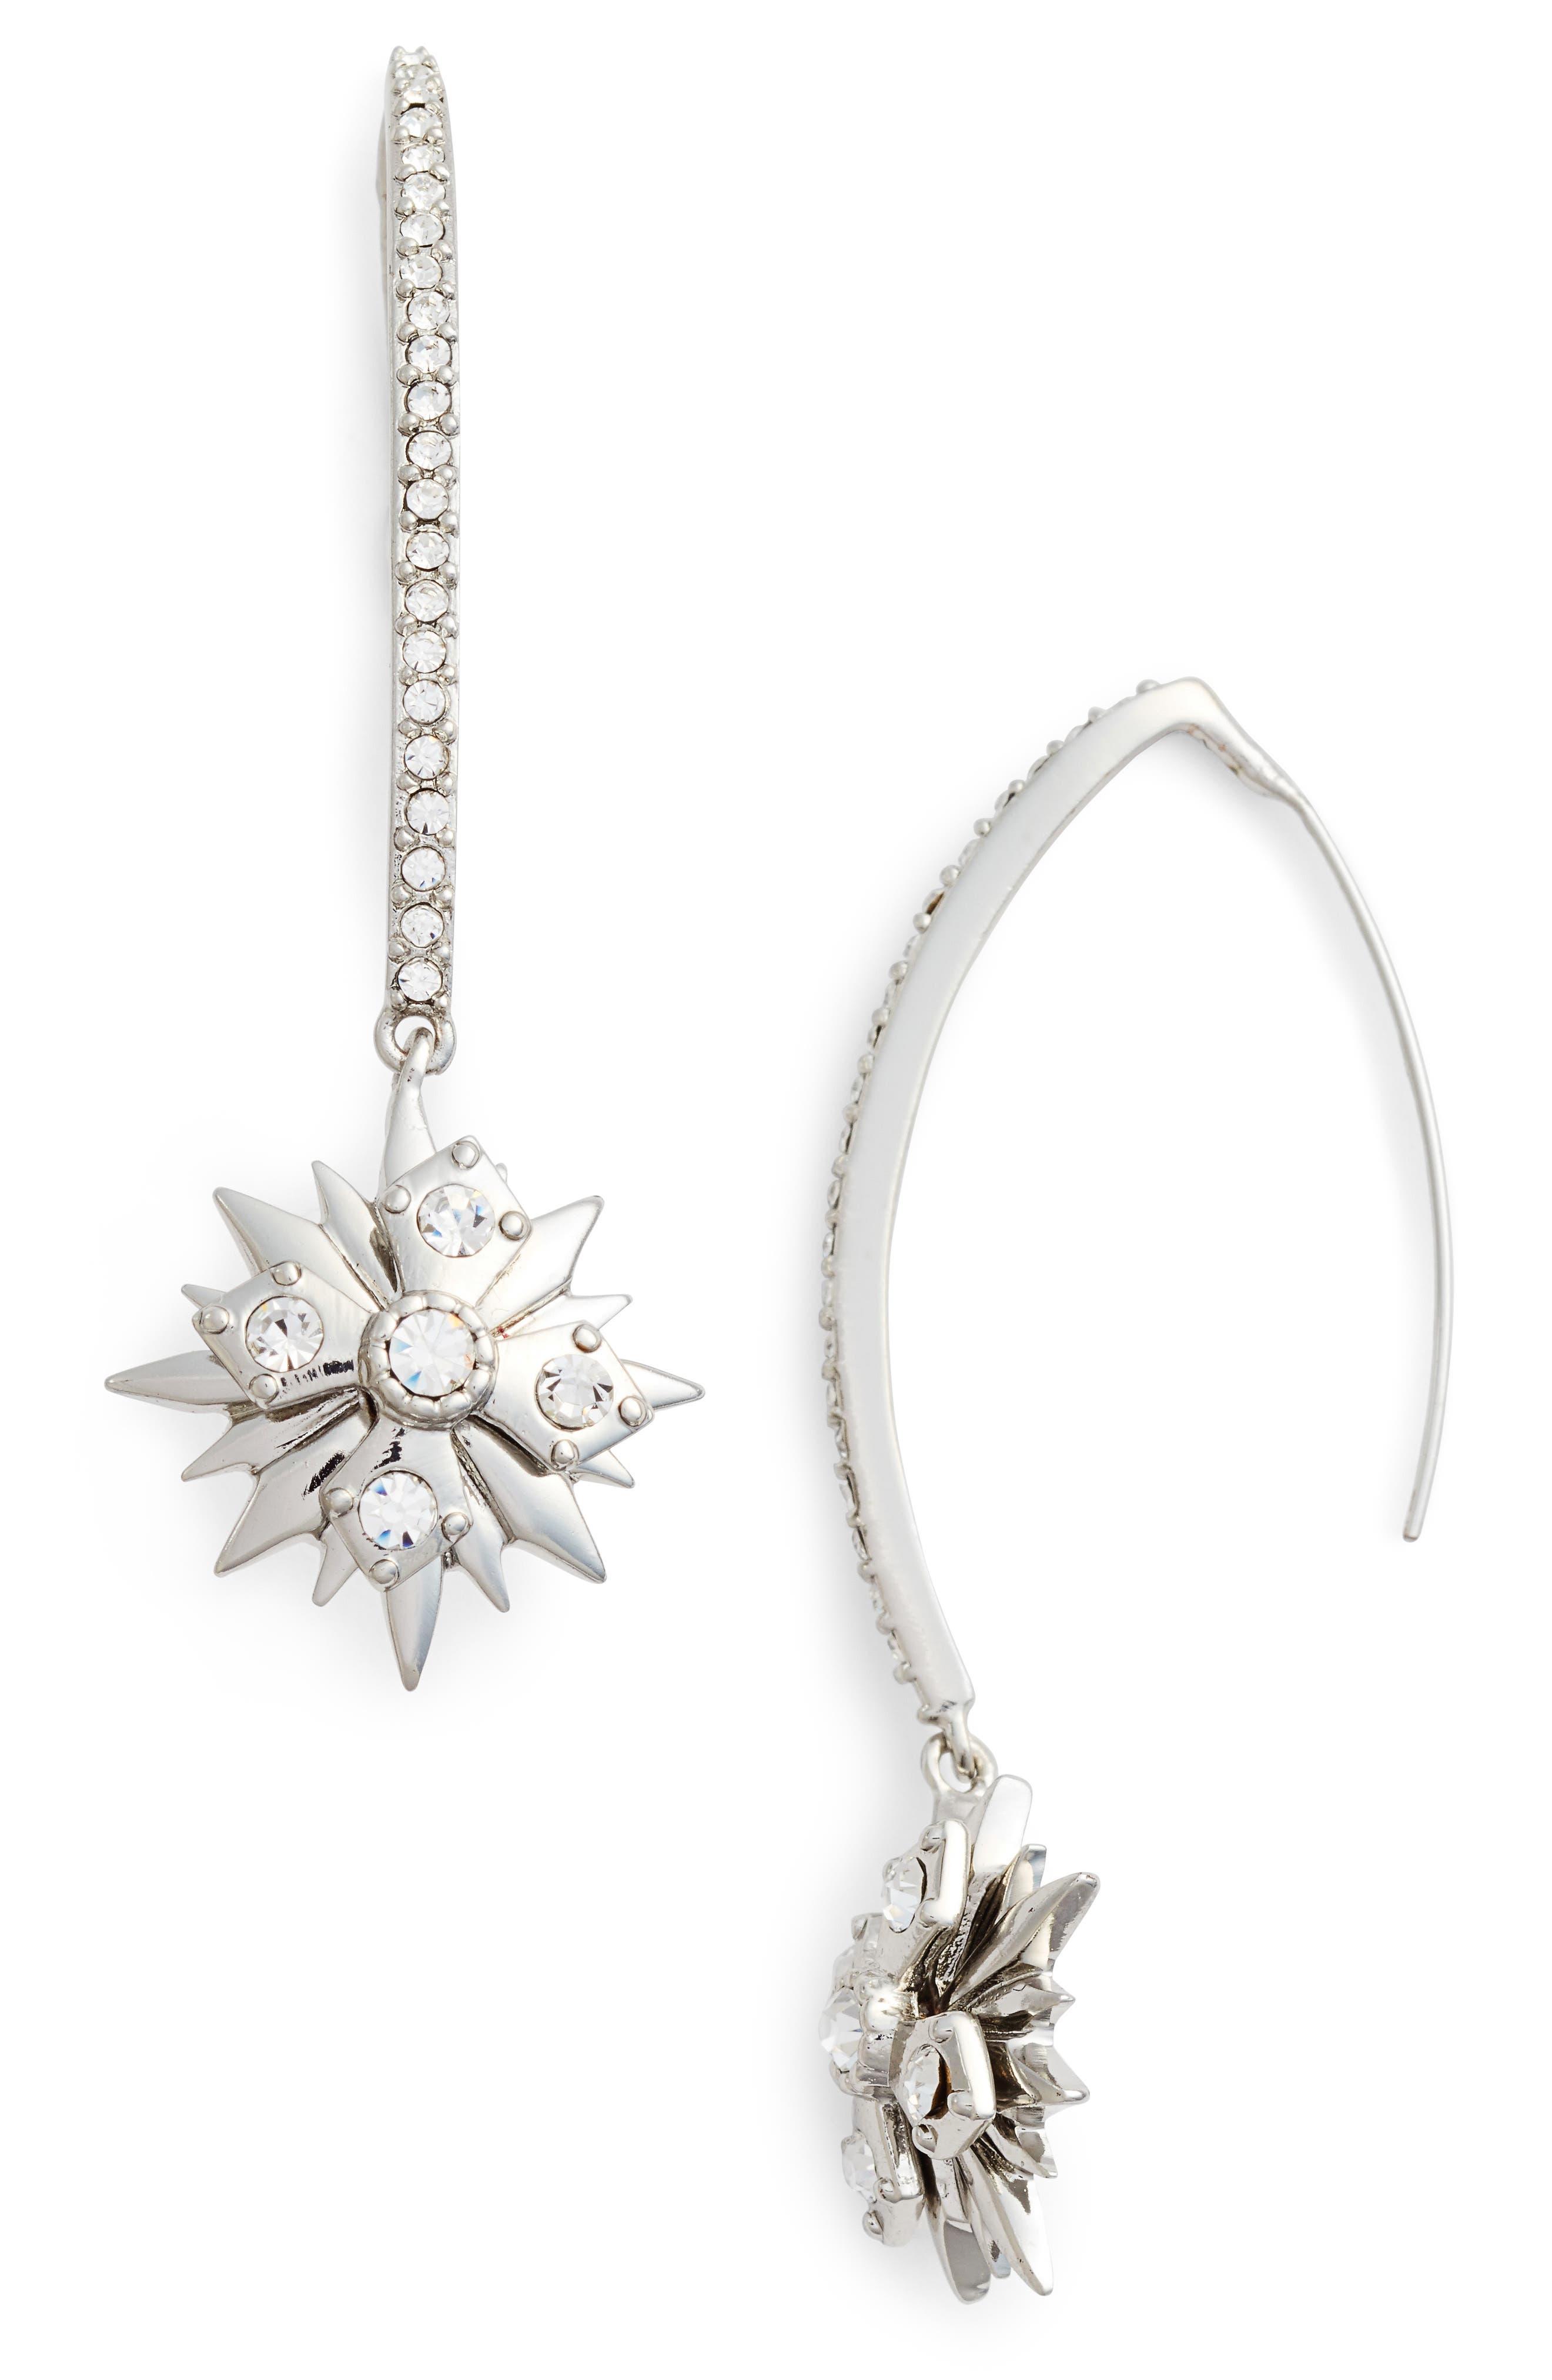 Star Threader Earrings,                         Main,                         color, Silver/ Crystal